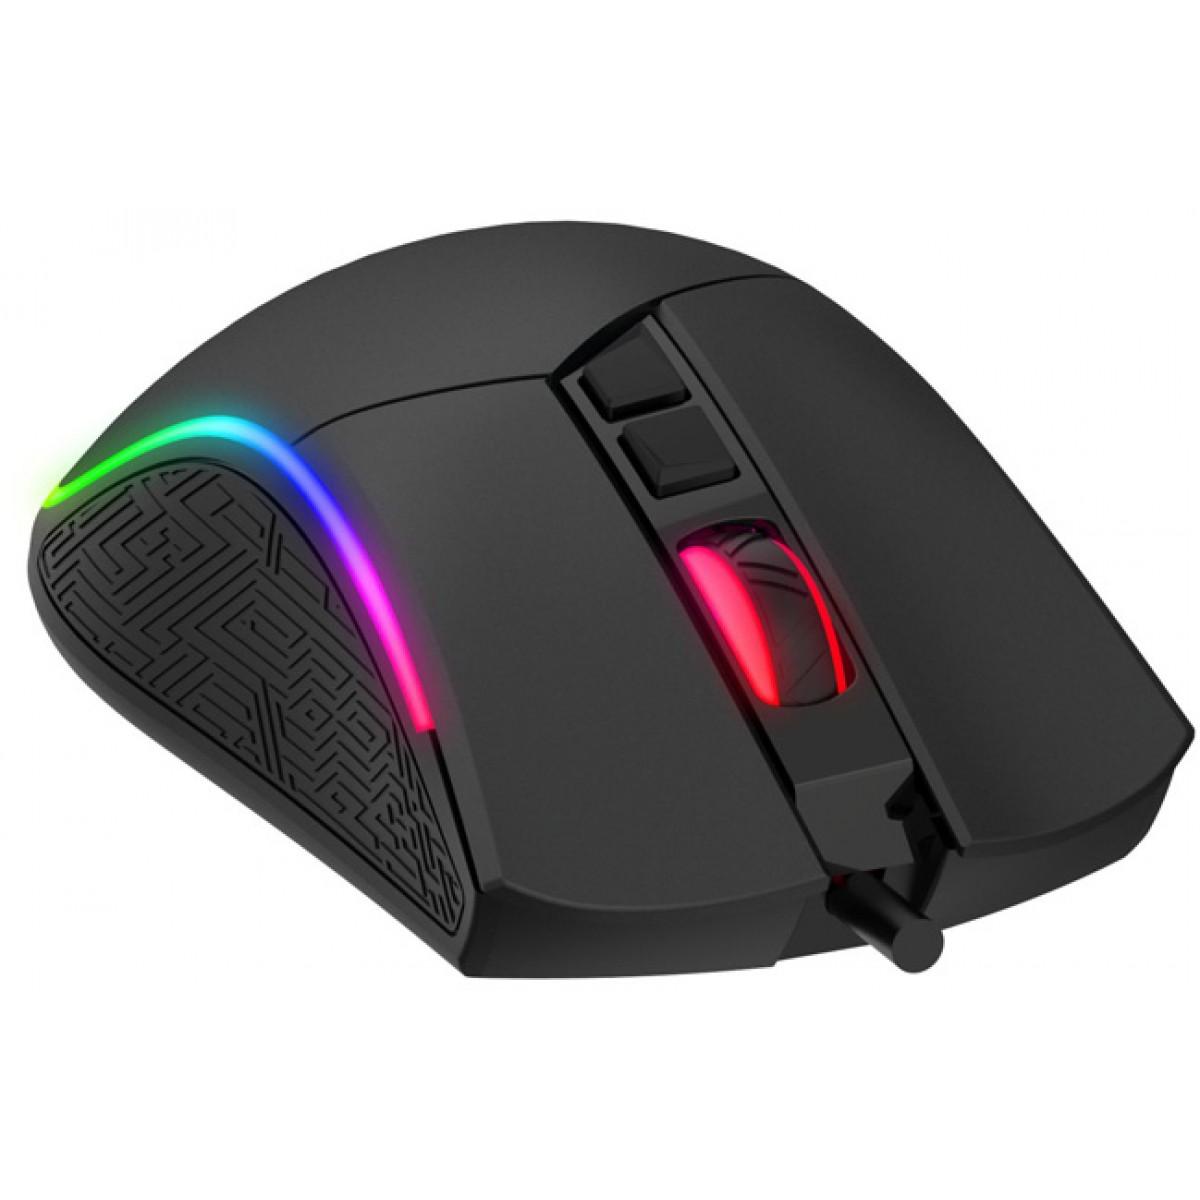 Mouse Gamer Havit MS1001 RGB 7 Botões 4800 DPI Black